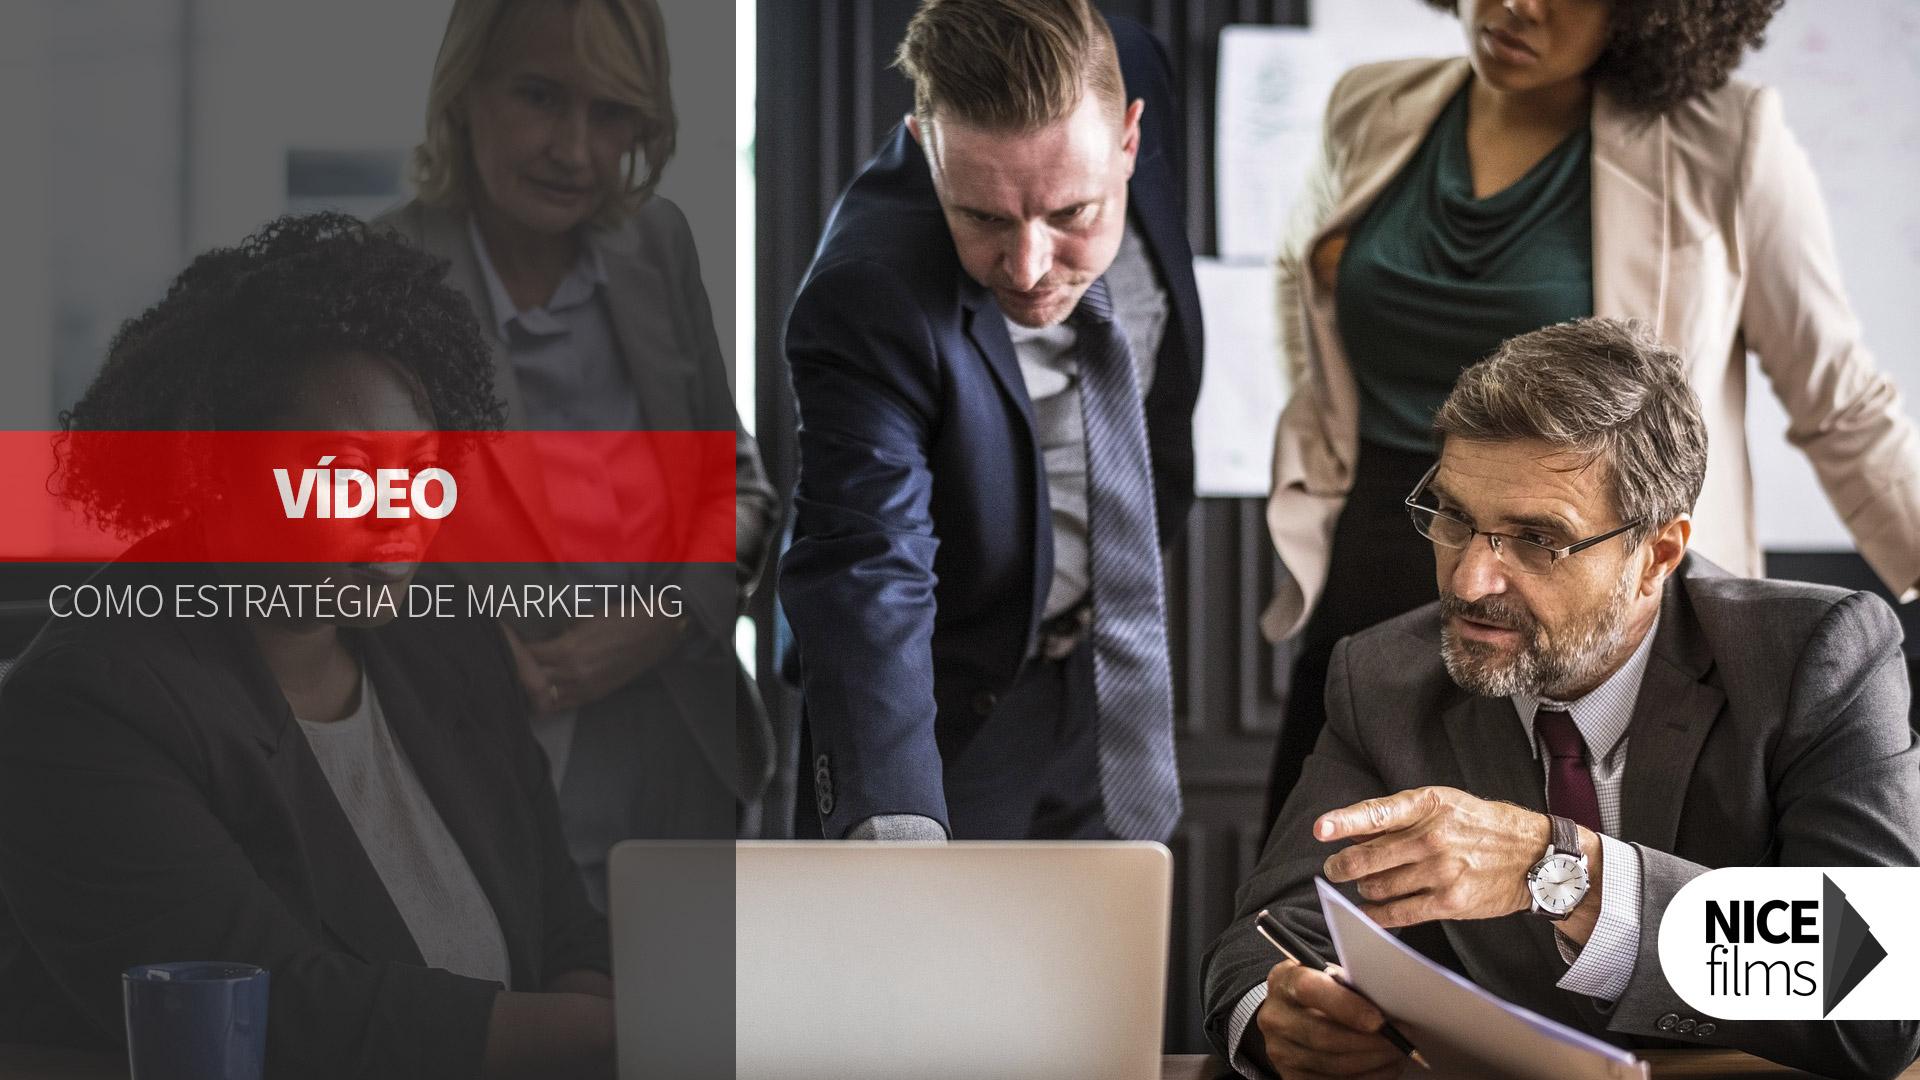 Vídeo como estratégia de Marketing